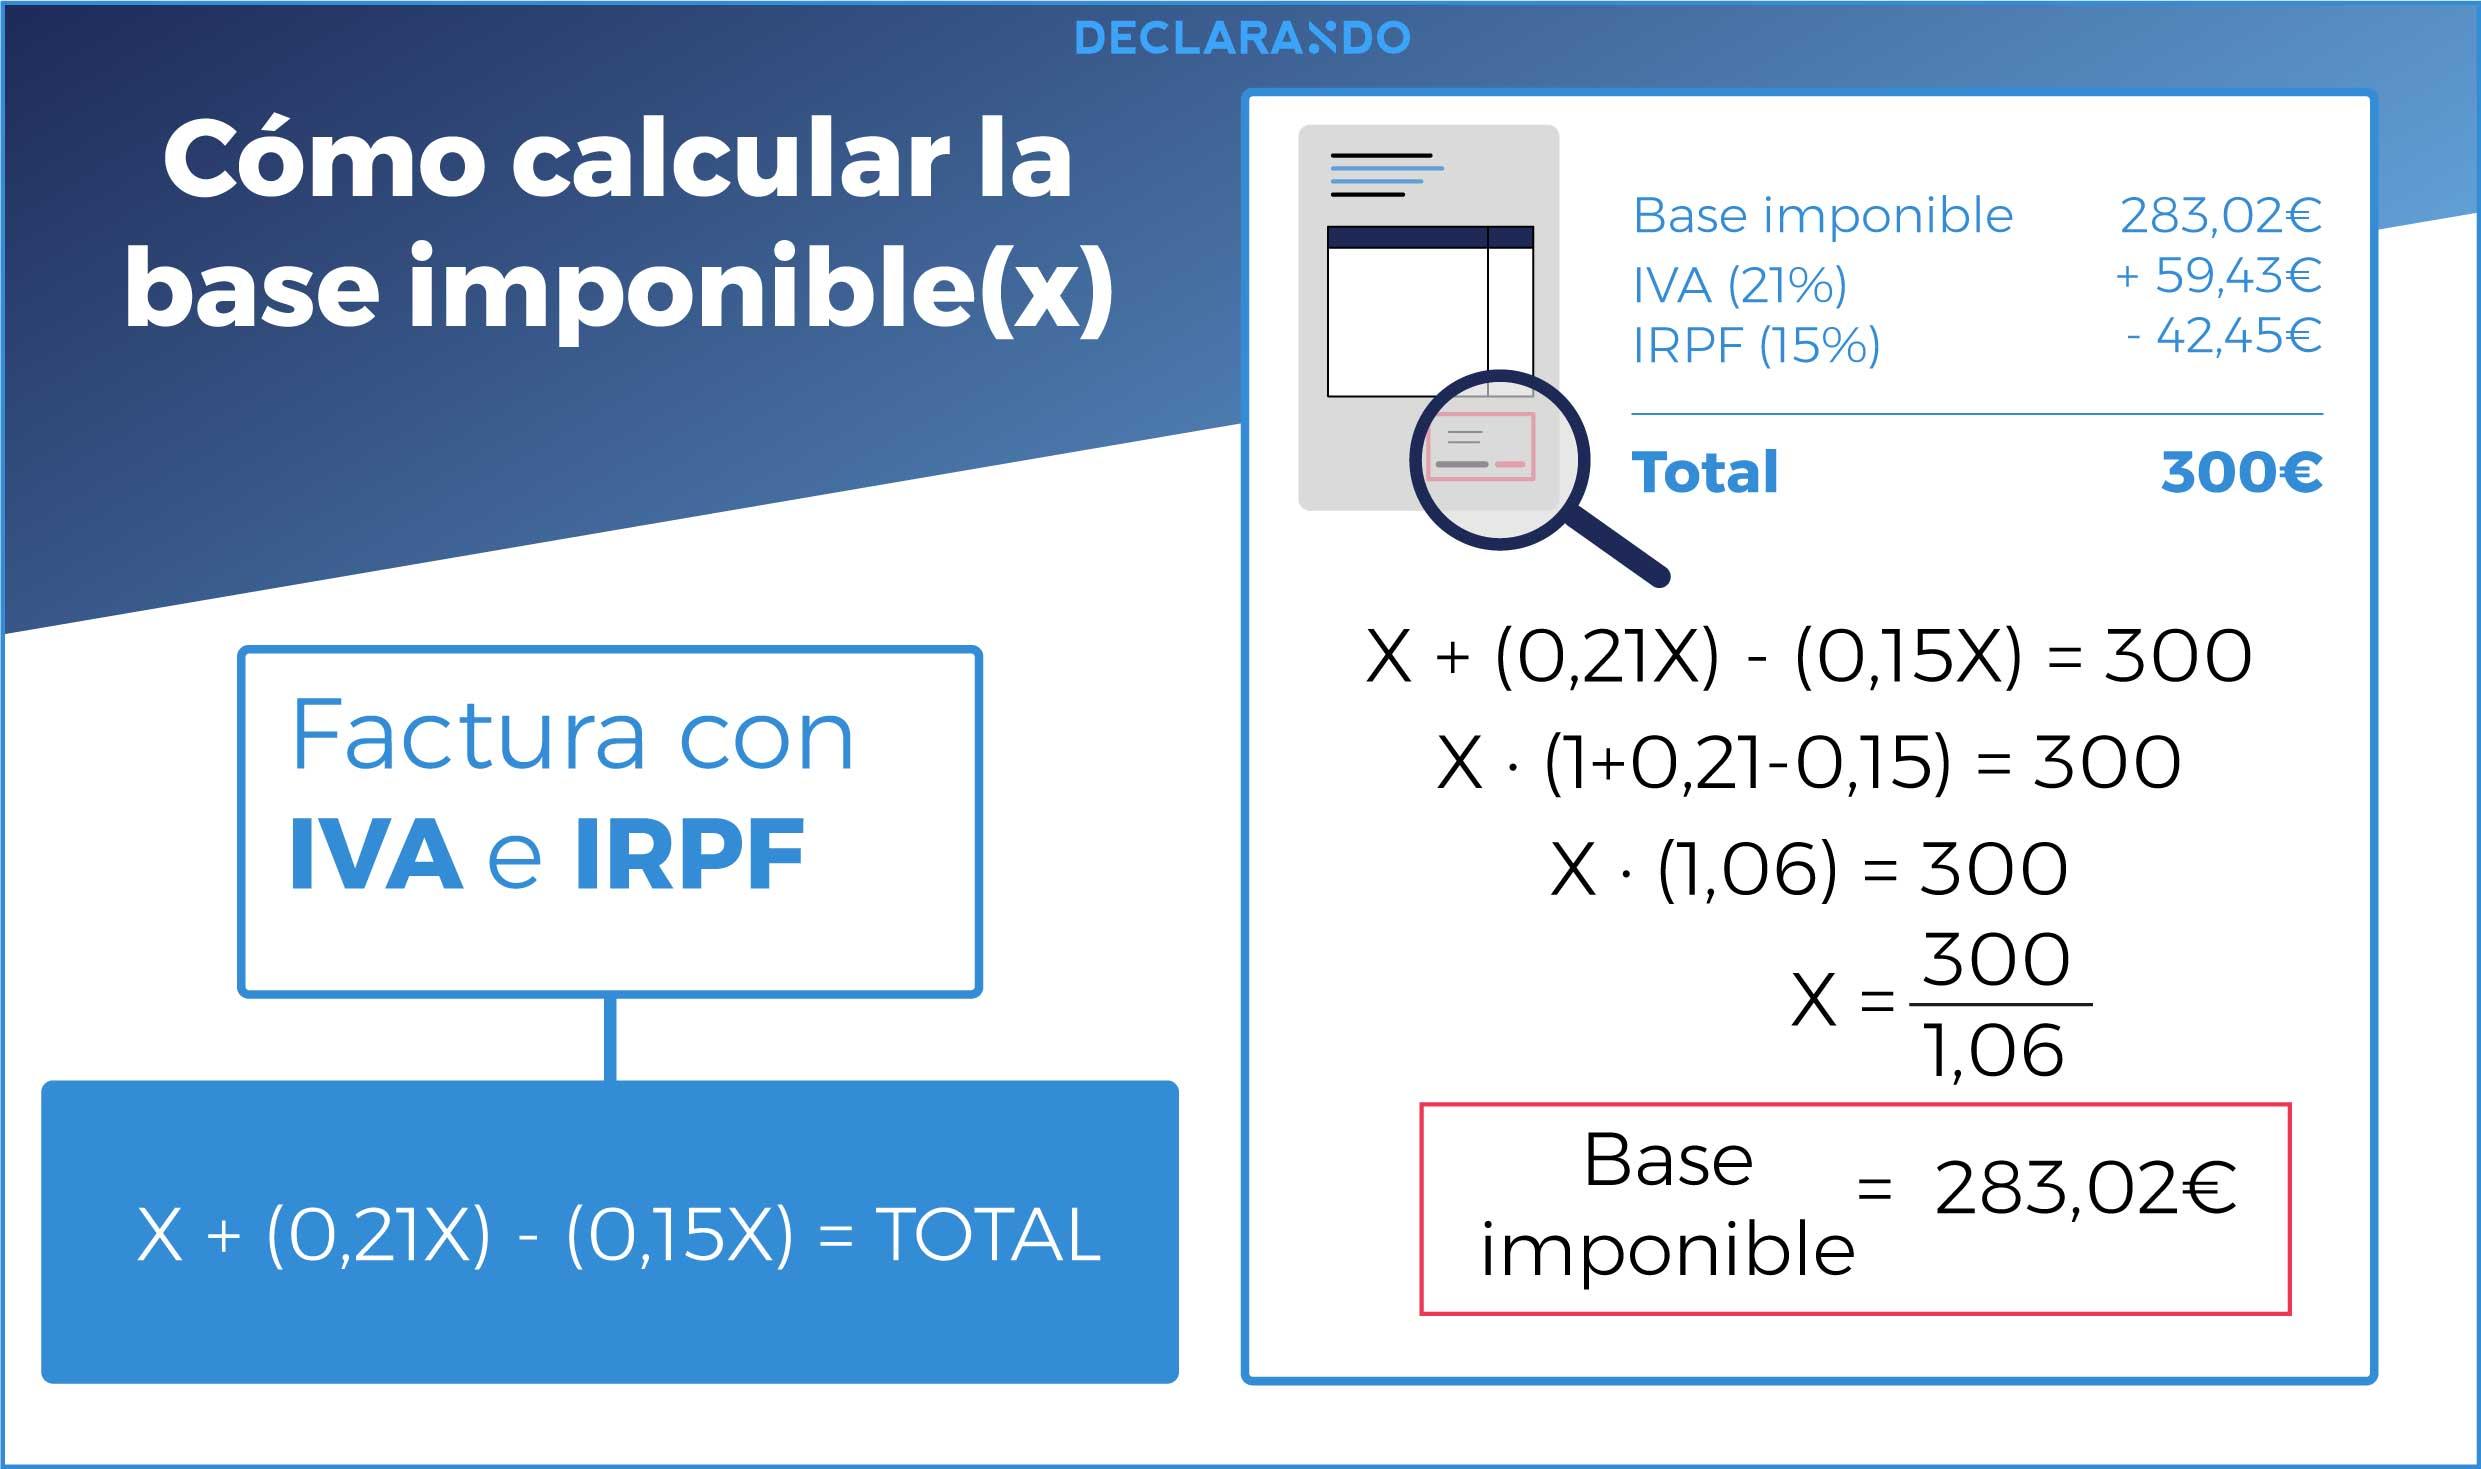 Cómo calcular la base imponible de una factura con IVA e IRPF a partir de un importe neto